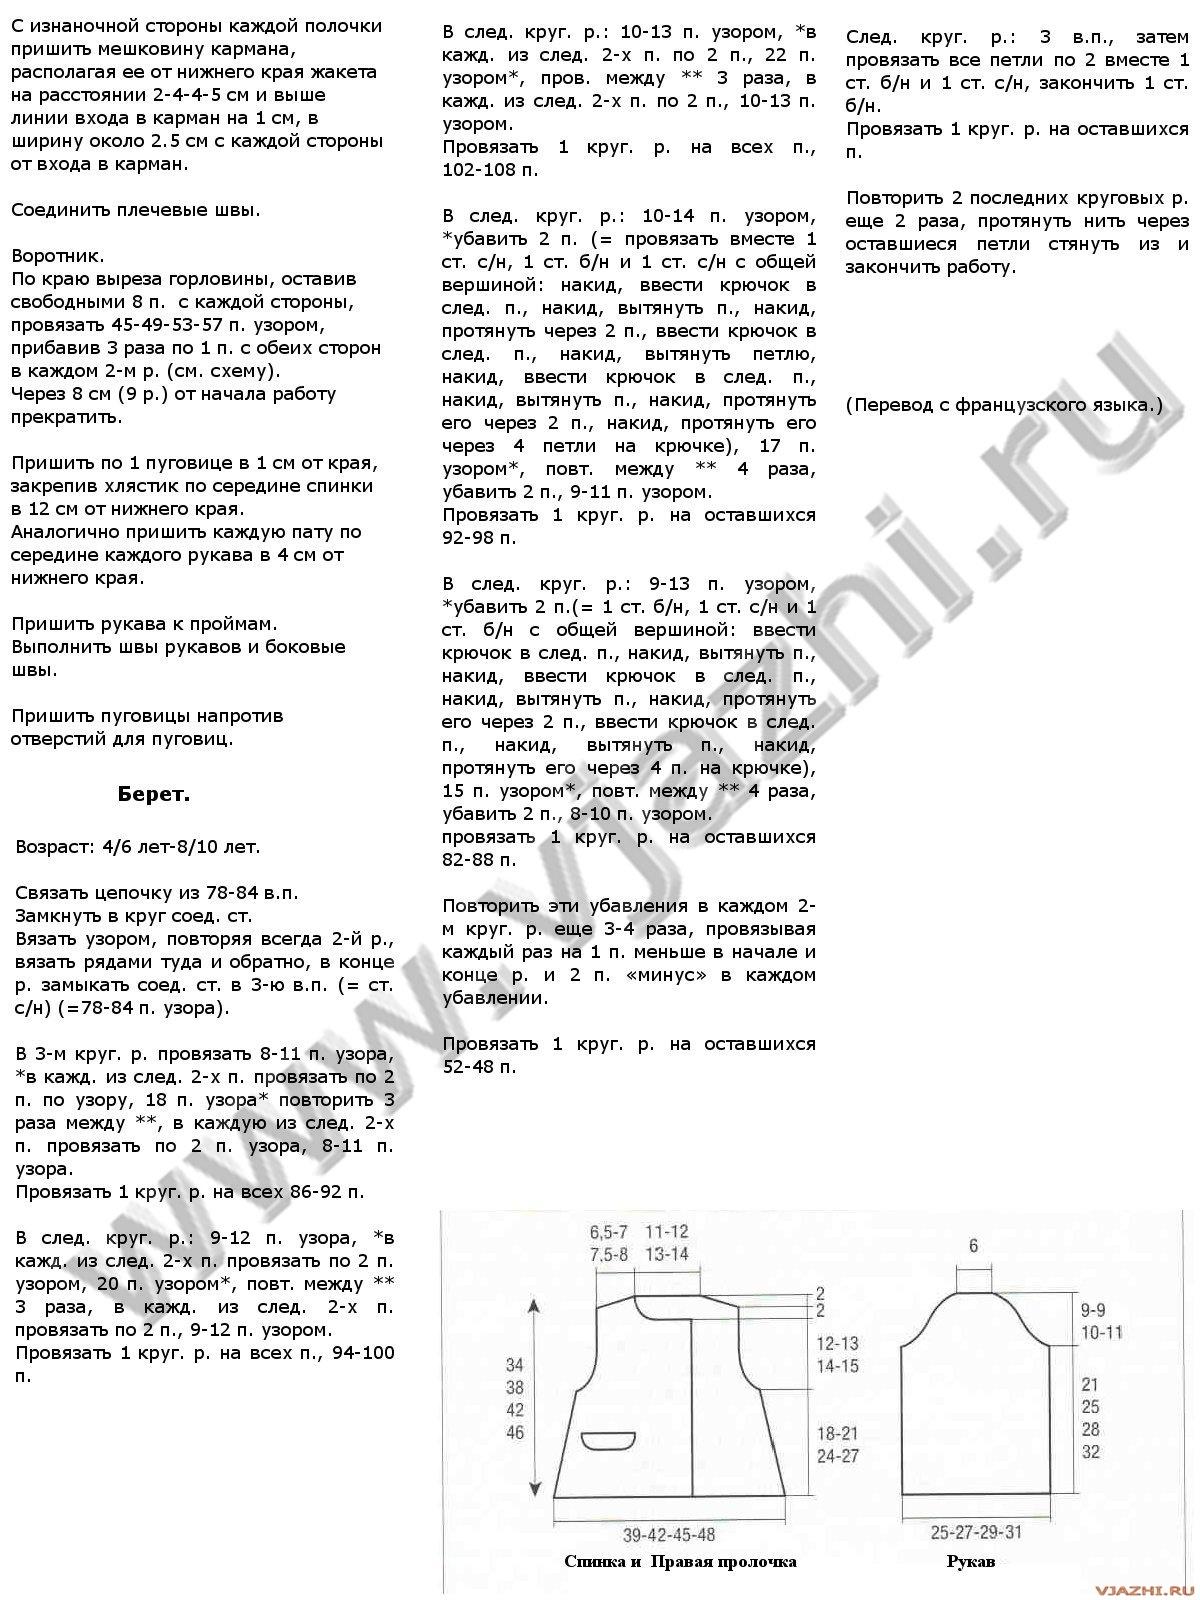 http://vyazaniedlyadetei.ru/wp-content/uploads/2011/03/3c7b3486031c.jpg